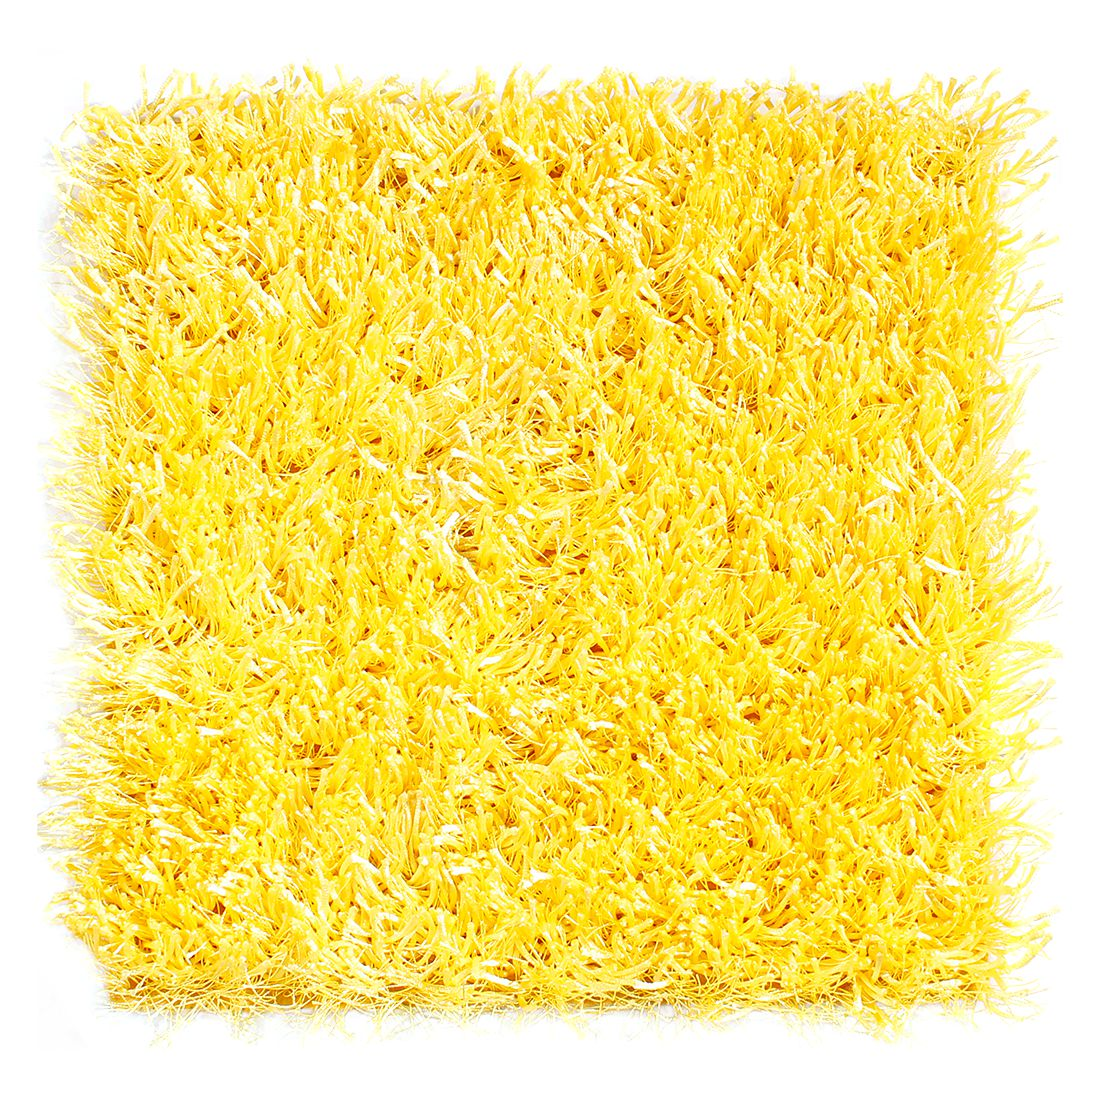 Teppichelement Infinity – Gelb, Al Mano kaufen